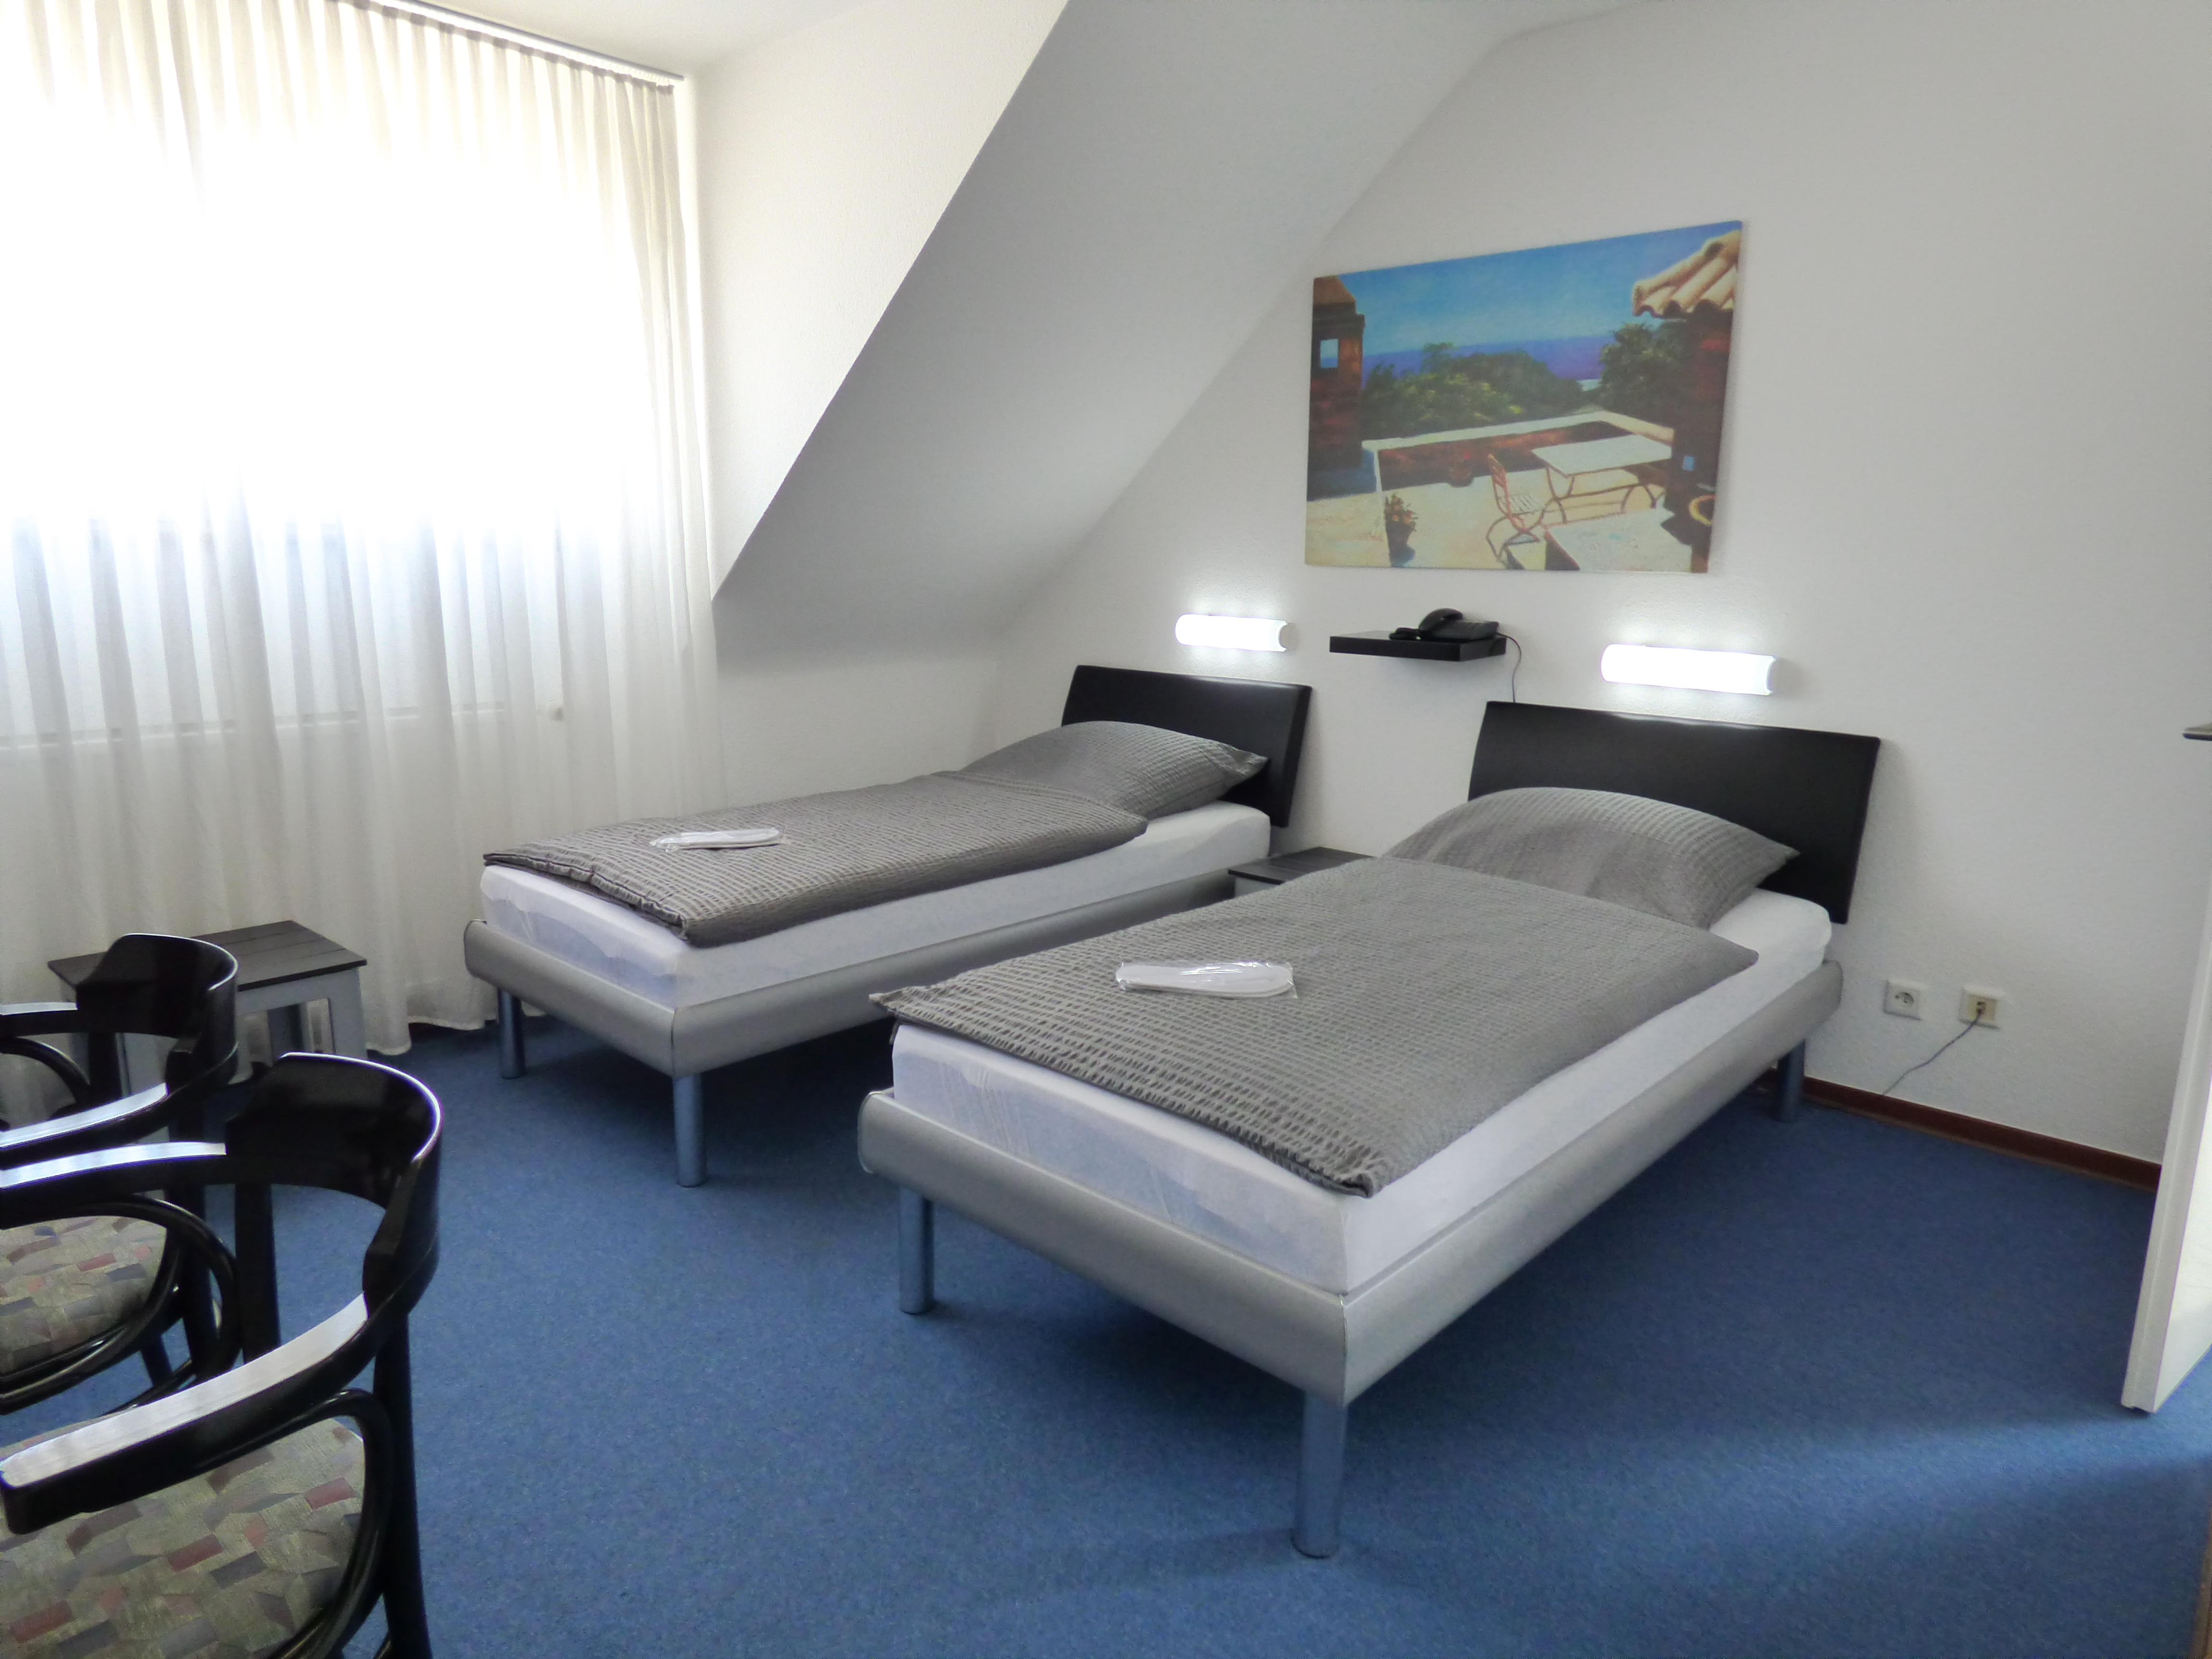 Double Room standard | Hotel Garni Alt Büttgen Kaarst Düsseldorf